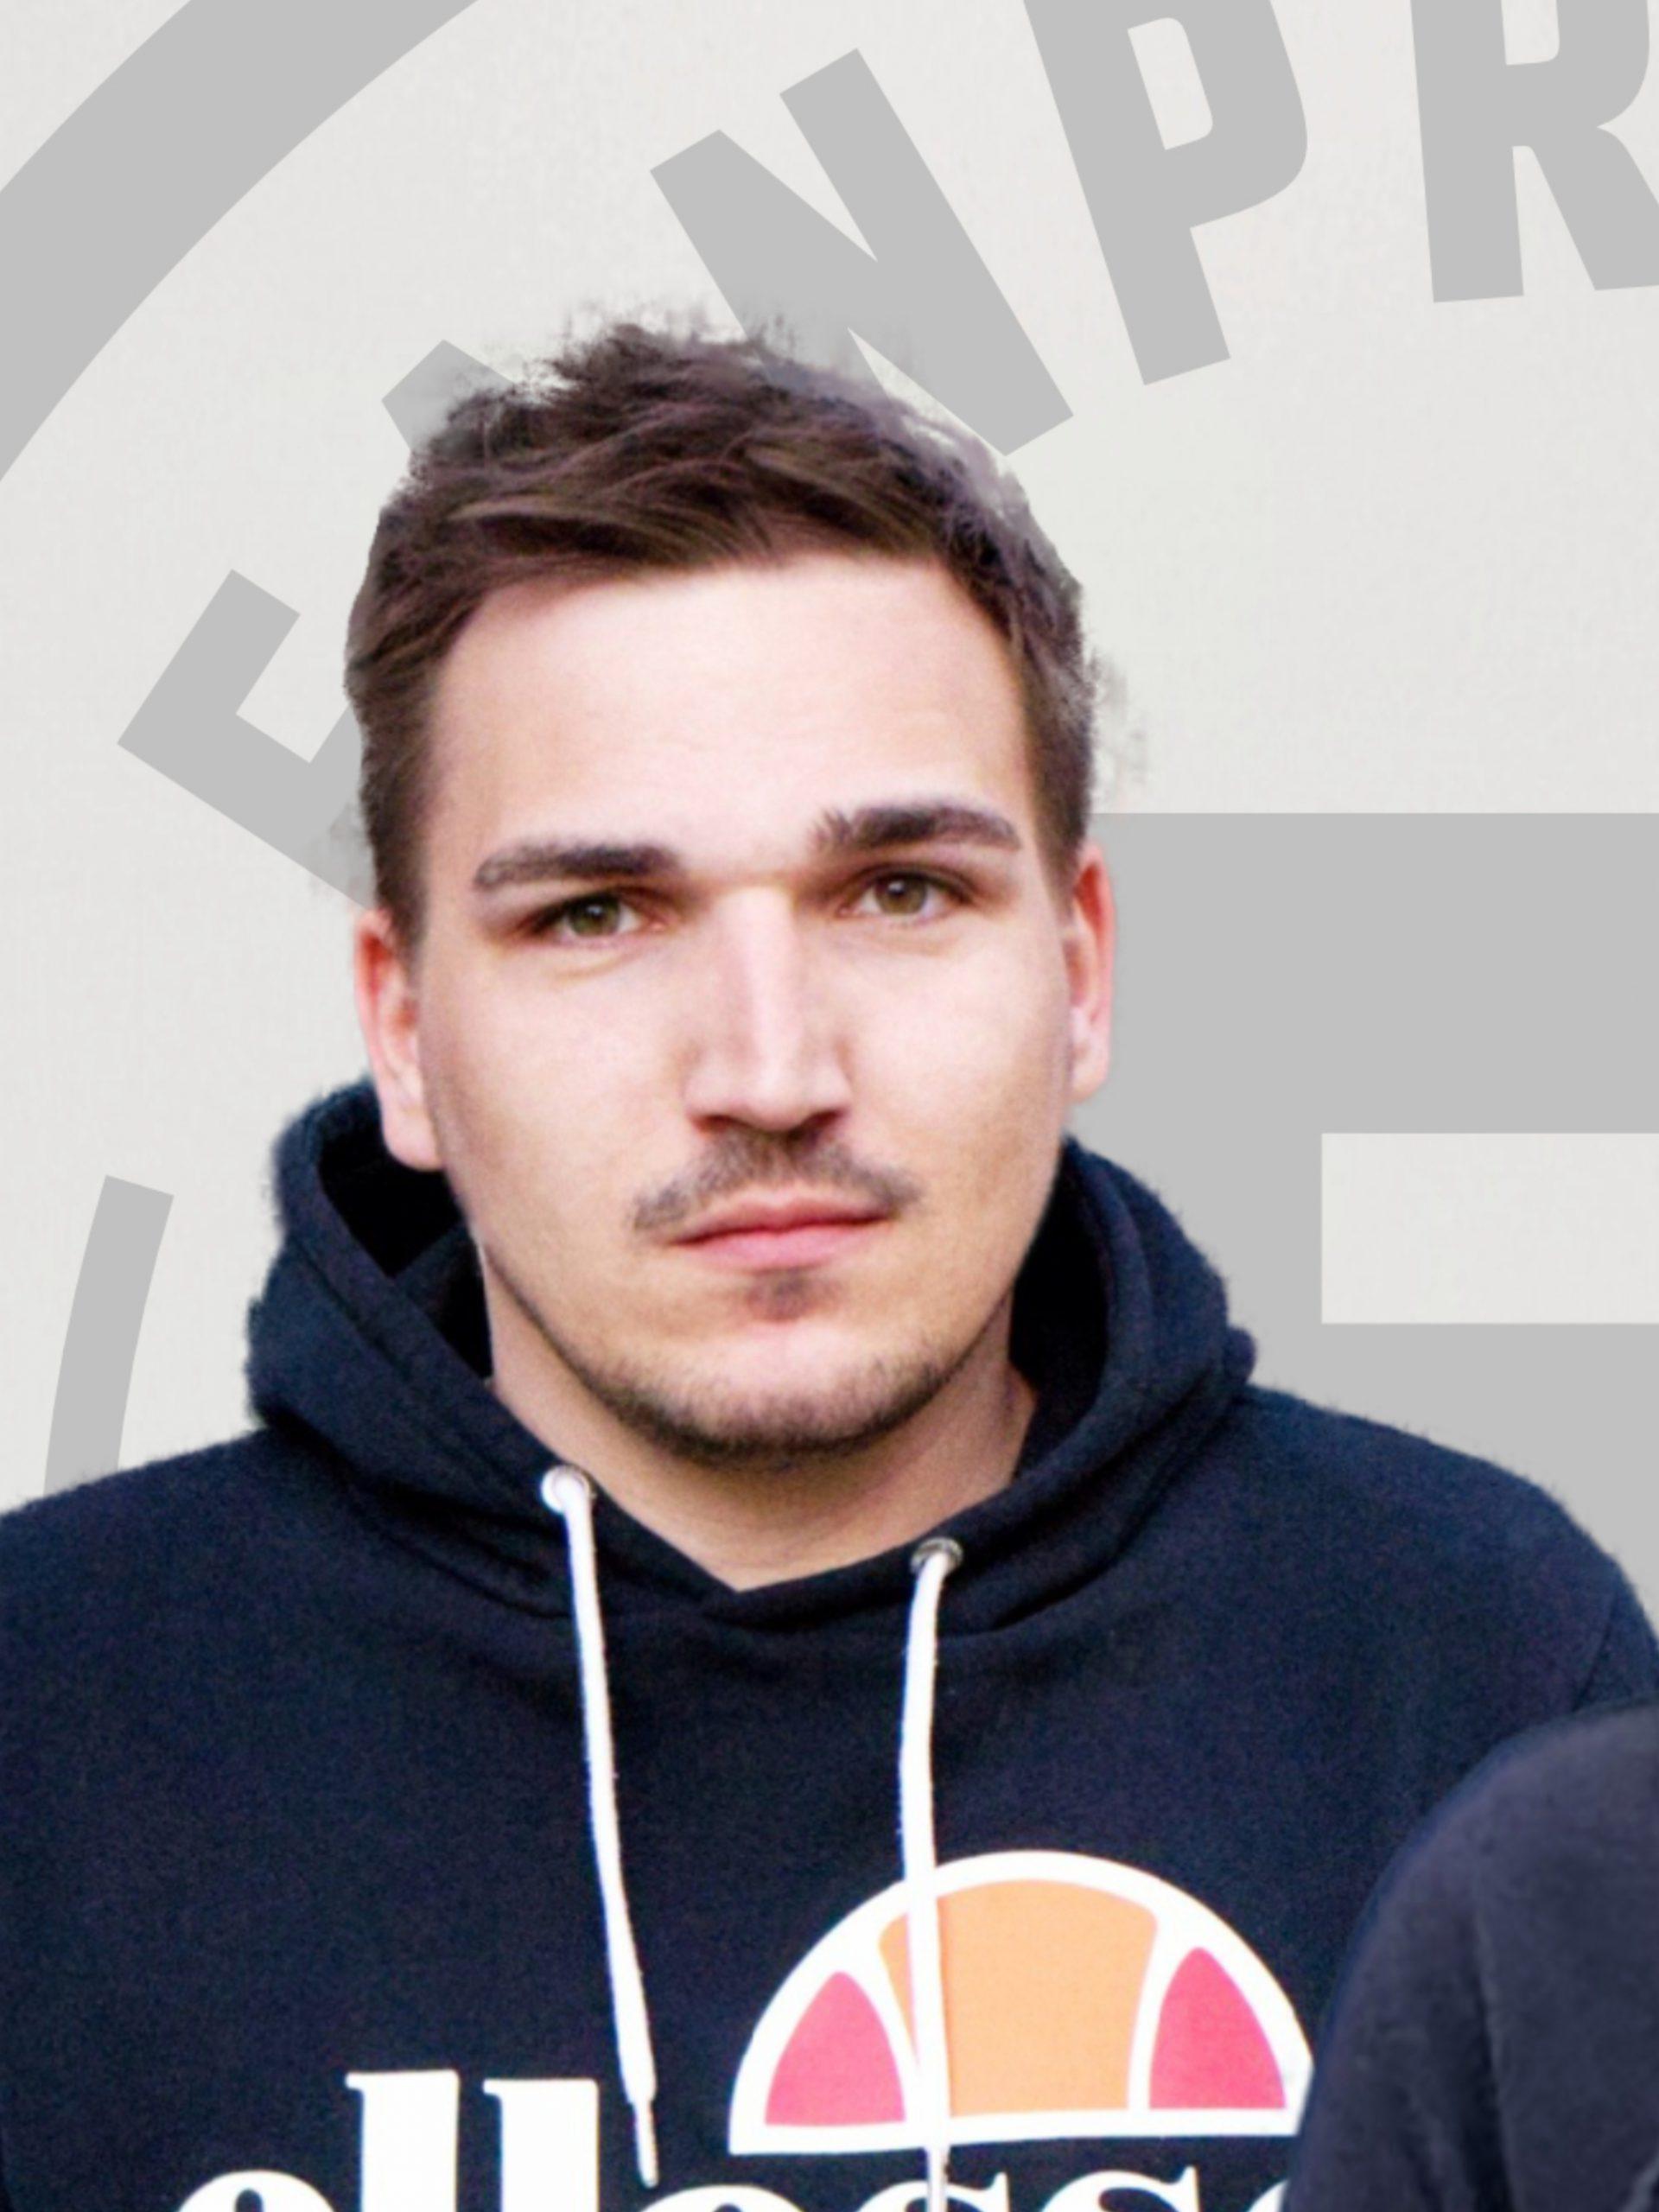 Moritz Kleefeld